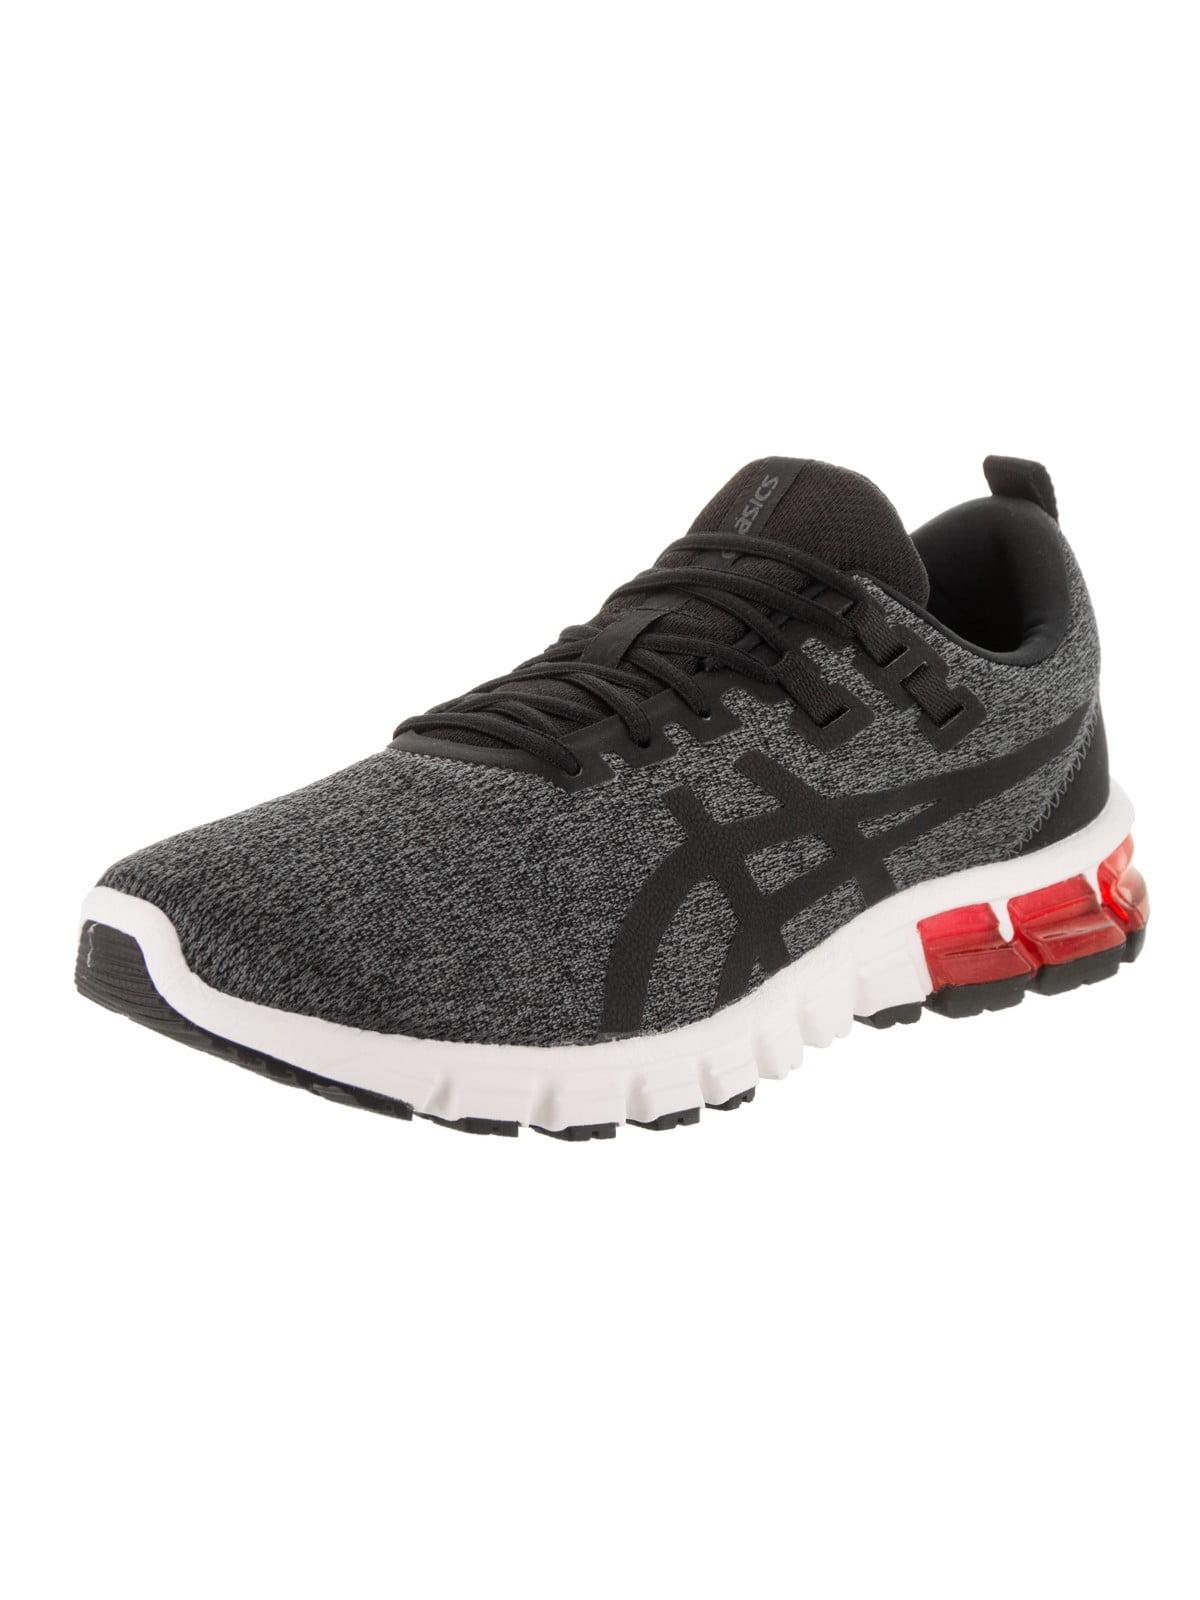 Asics Men's Gel-Quantum 90 Running Shoe